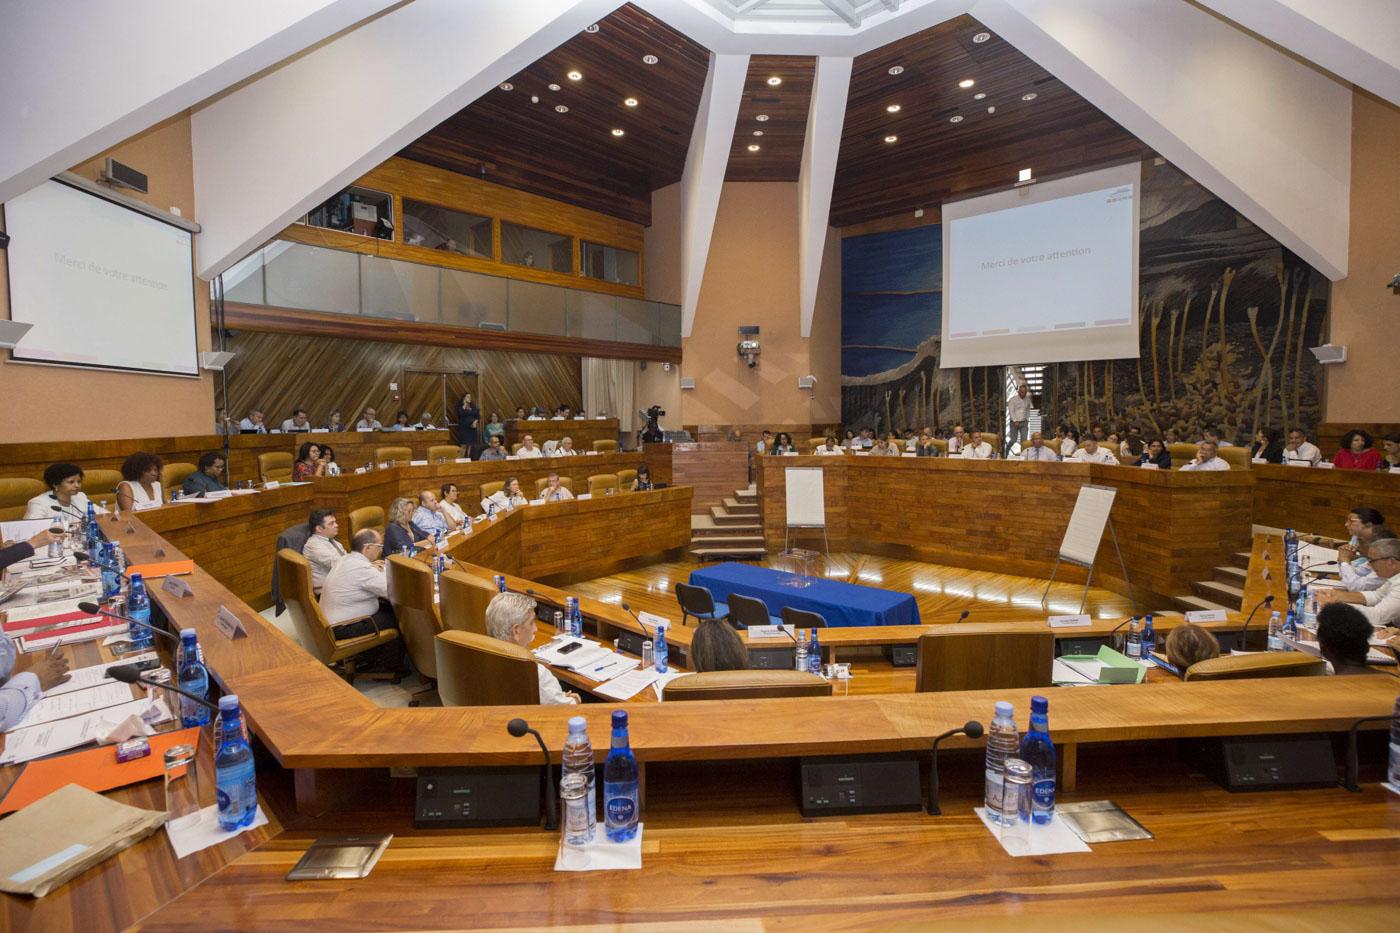 8b14ded4f4d Assemblée Plénière du 19 décembre 2018 - Région Réunion